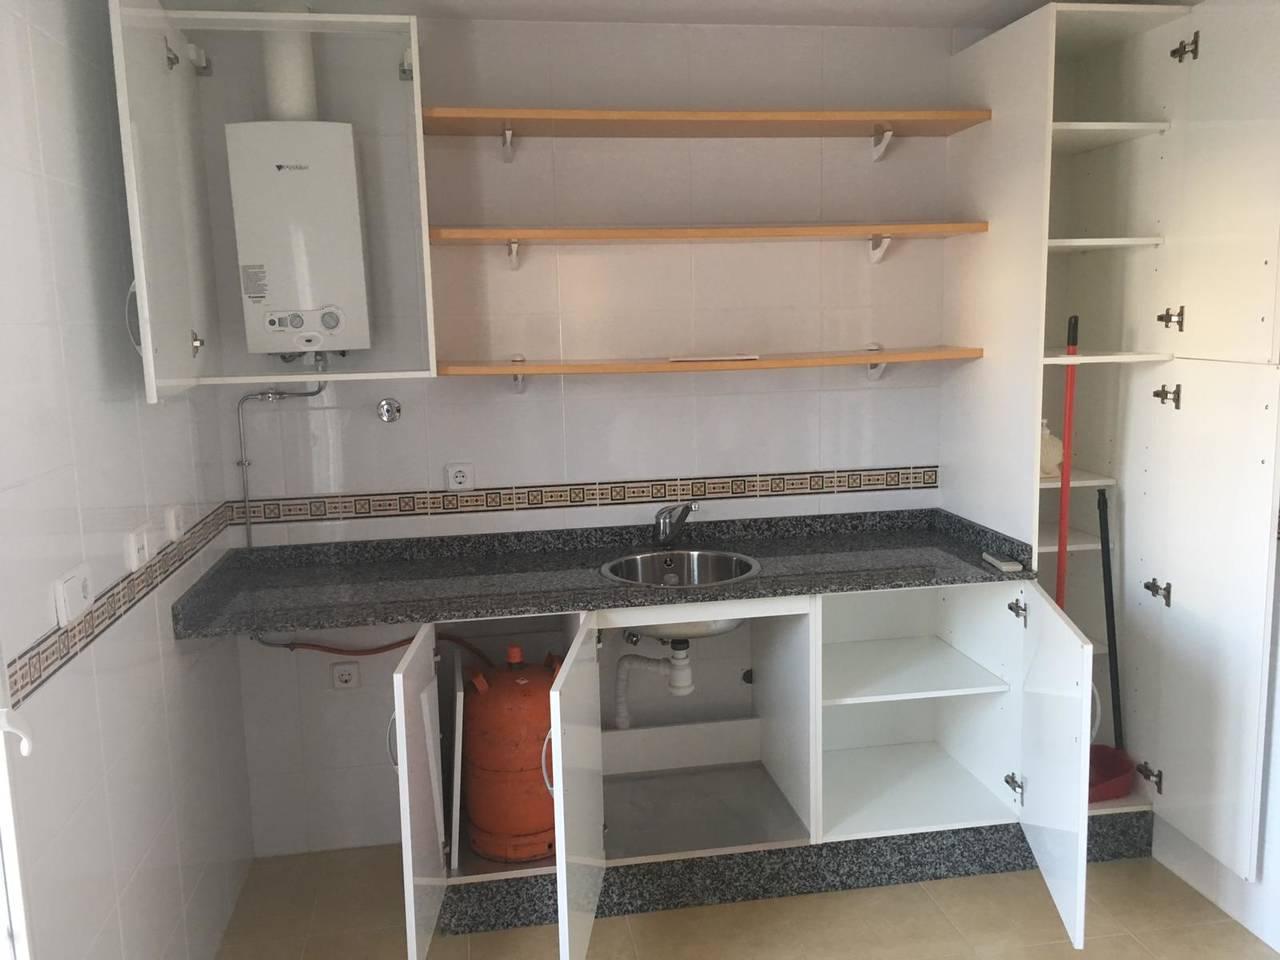 Muebles cocina y lavavajillas  - Foto 2